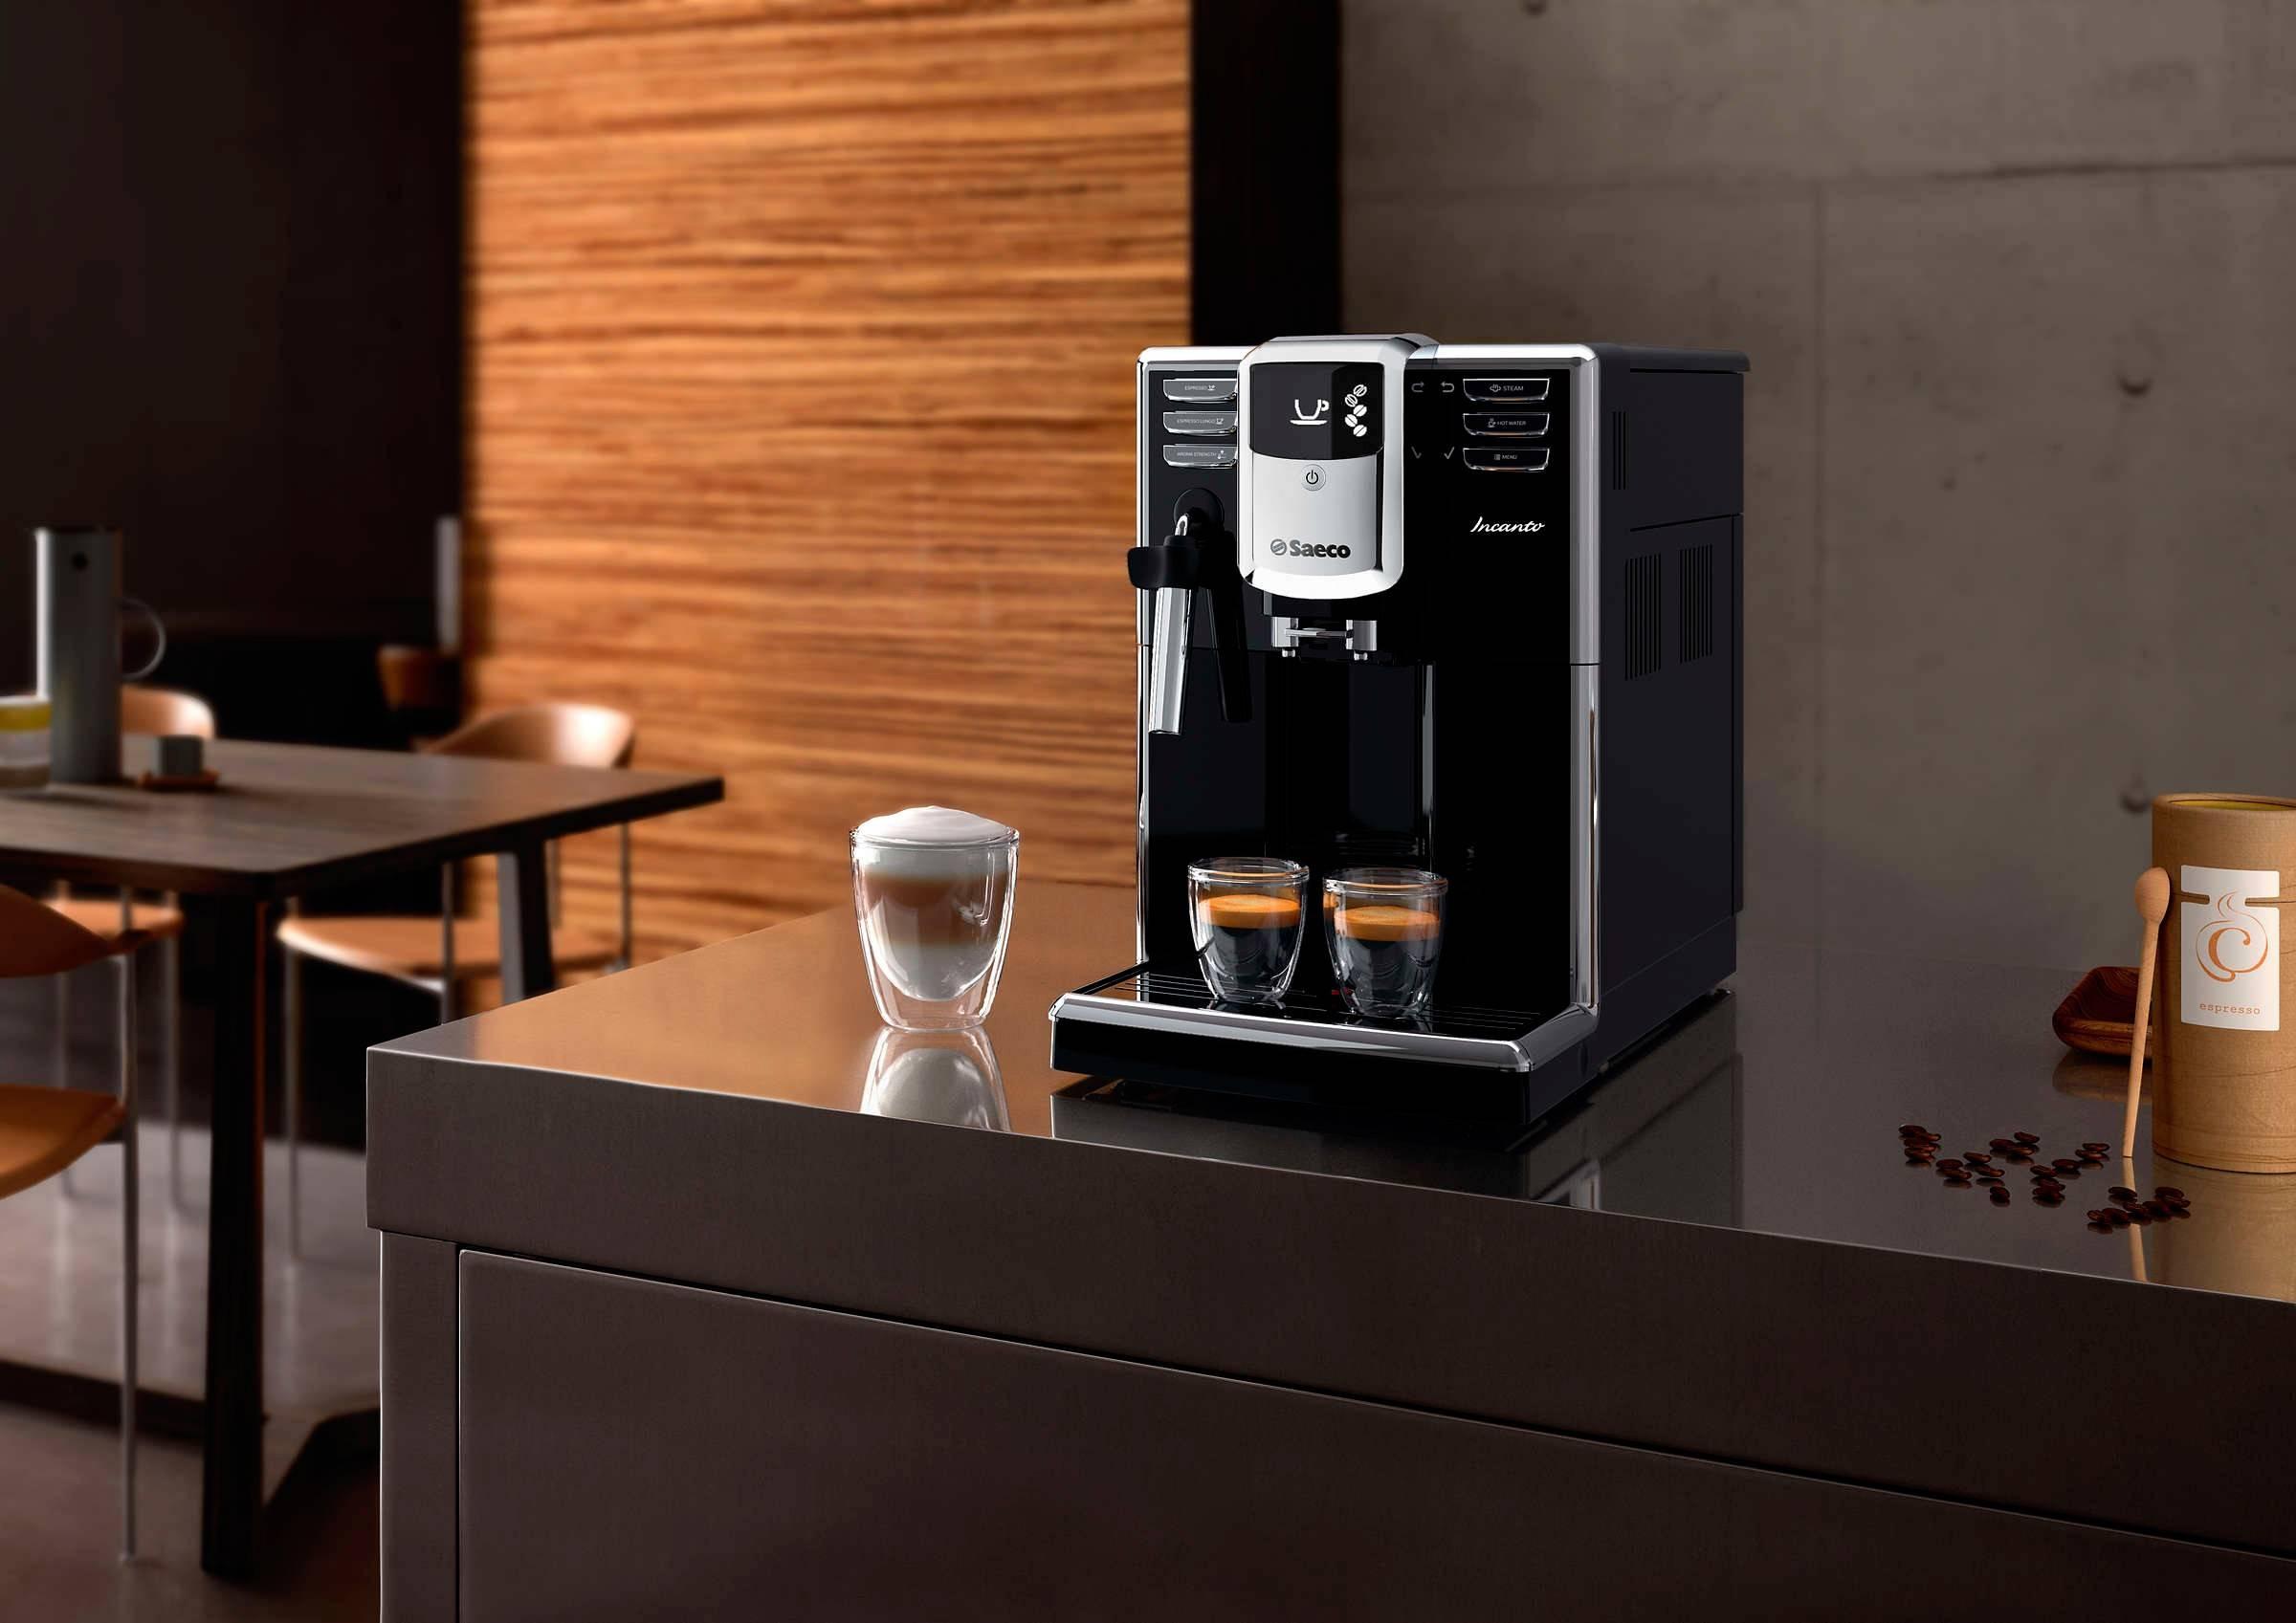 Рейтинг кофемашин для дома с автоматическим капучинатором 2020